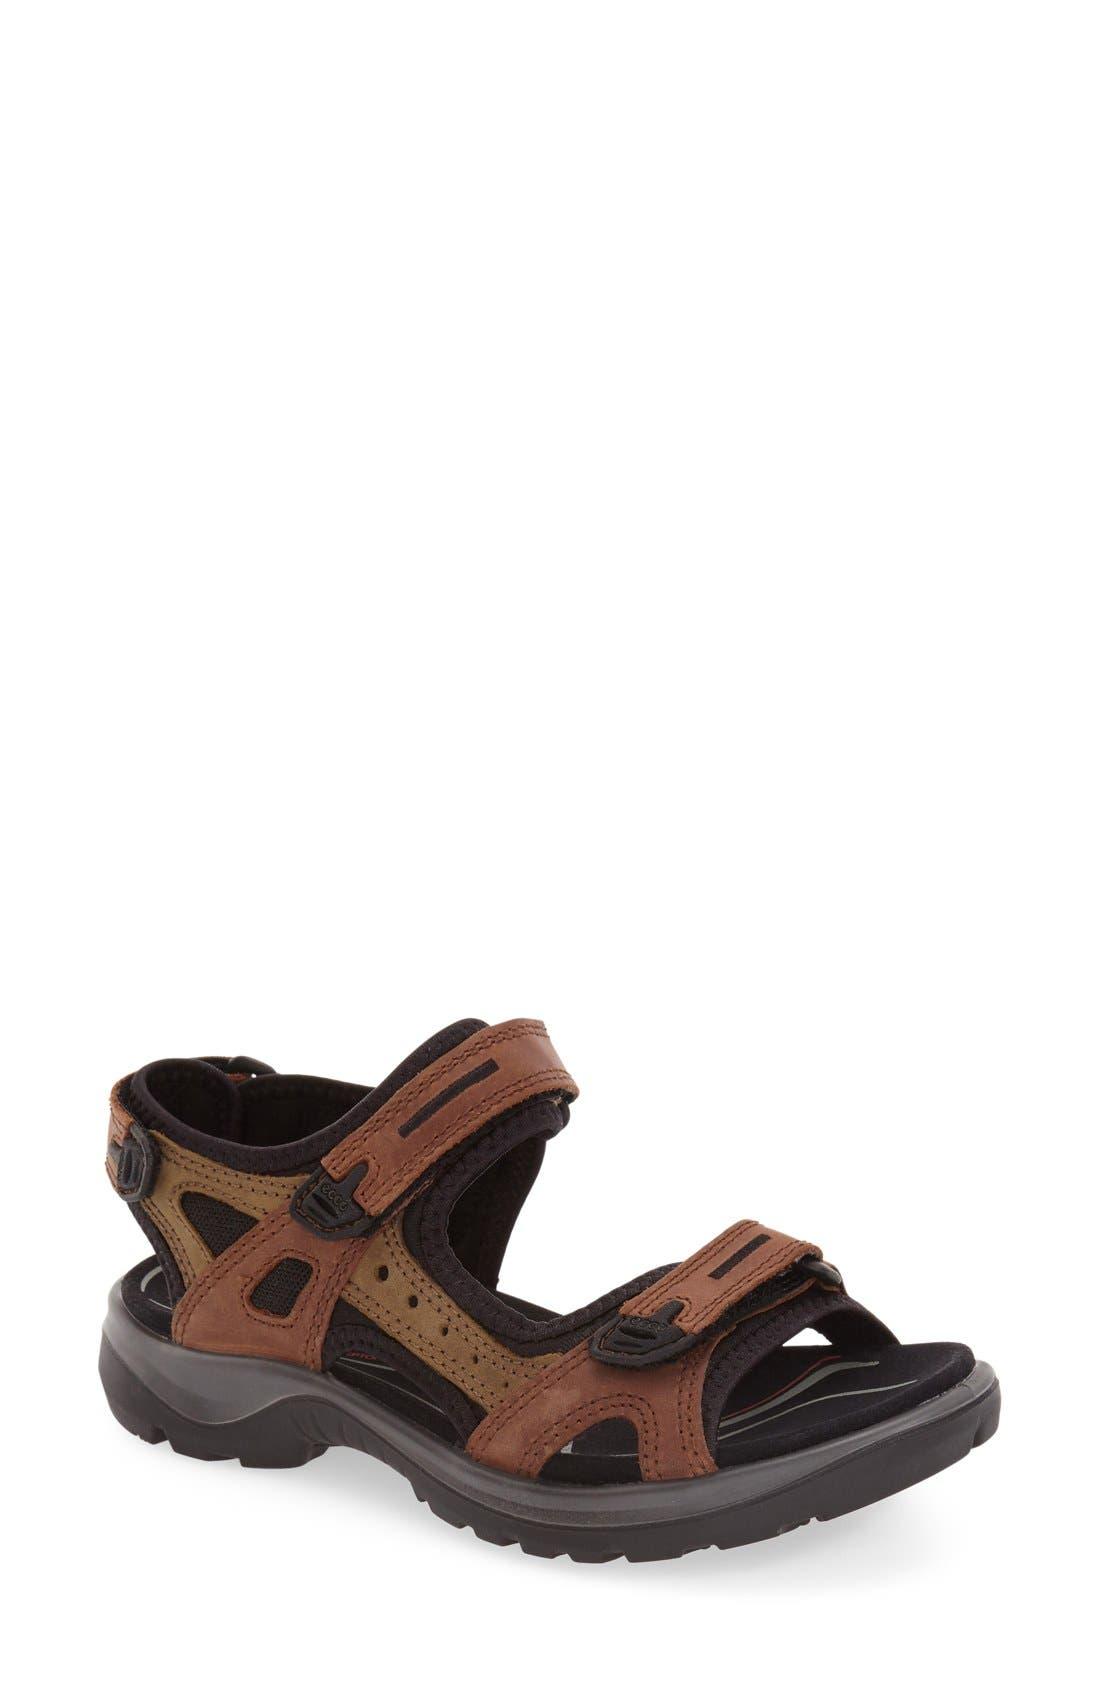 Ecco Yucatan Sandal, Brown